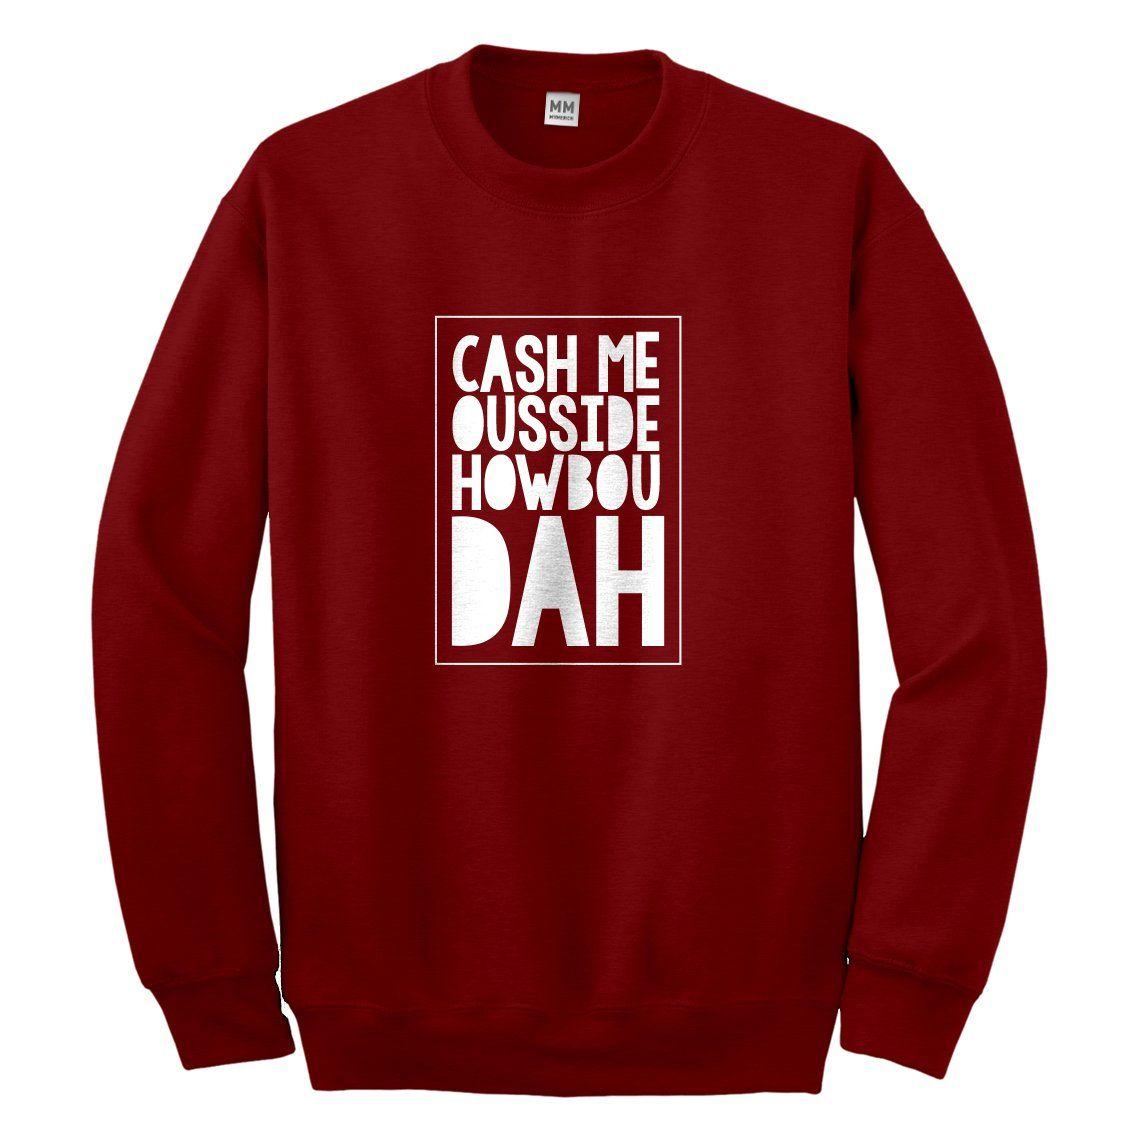 Crewneck Cash Me Ousside How Bow Dah Unisex Sweatshirt